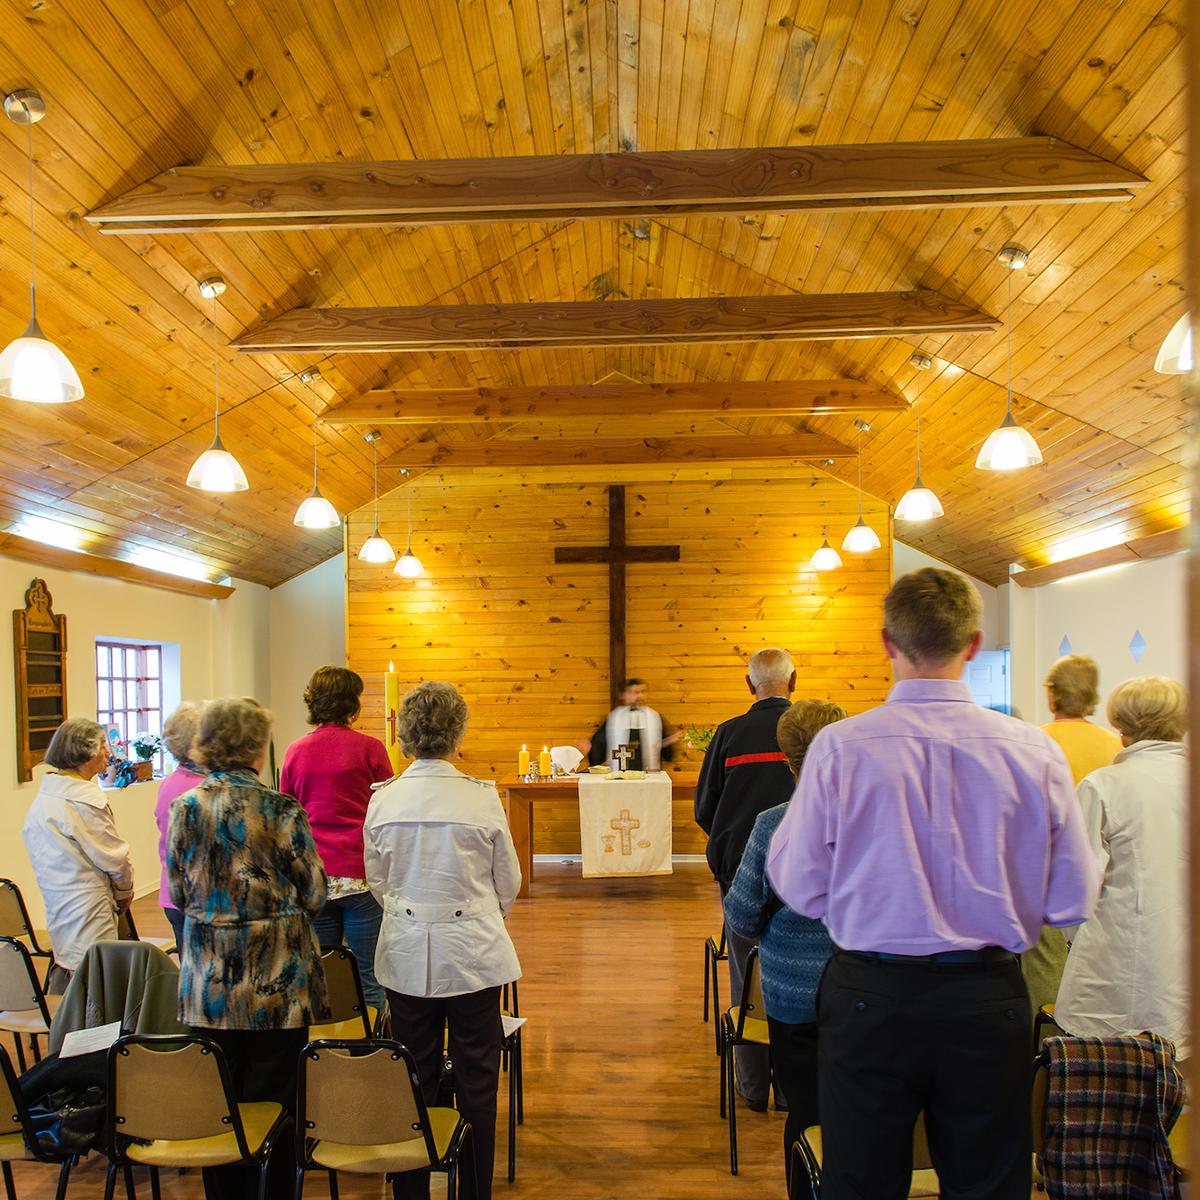 iglesia-luterana-la-santa-trinidad-vin%cc%83a-del-mar